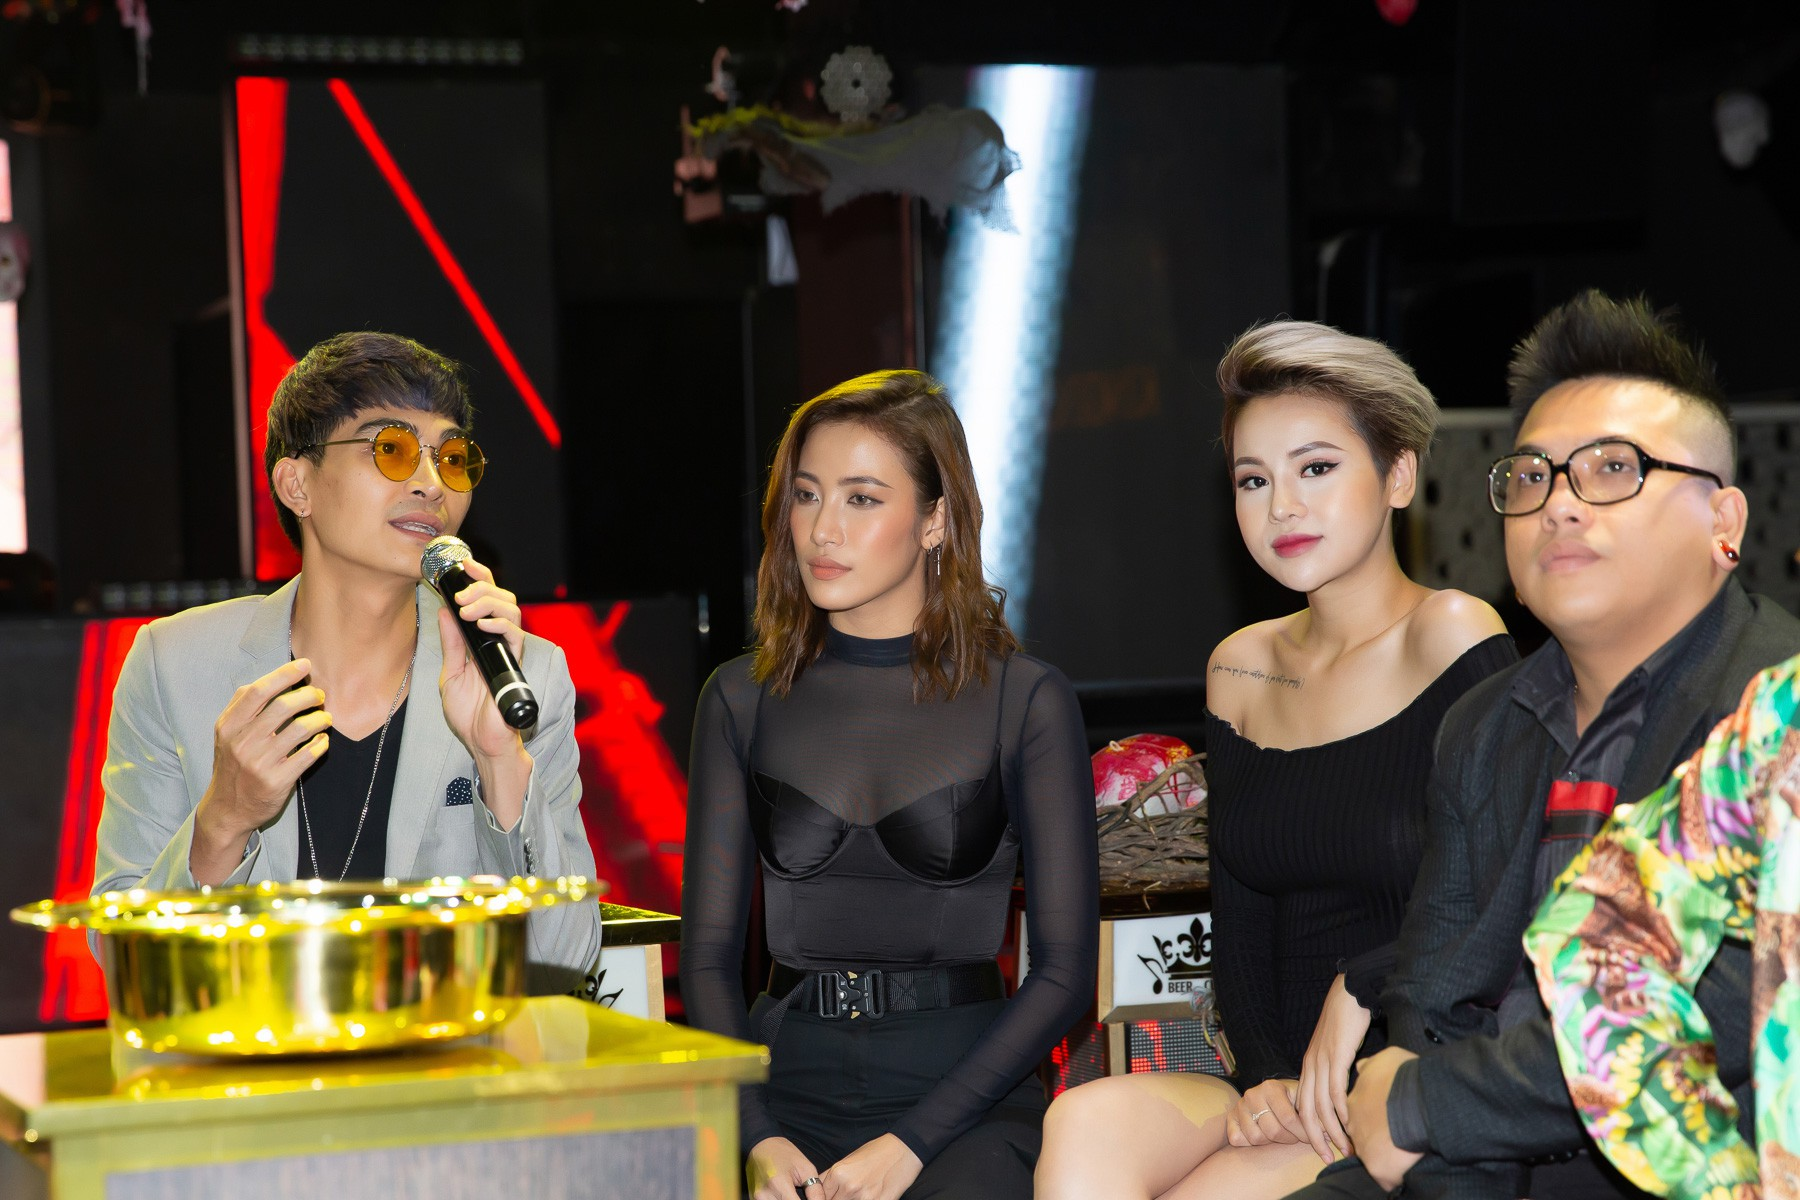 Chị Mười Ba Thu Trang tuyên bố sẽ cai nghiện thuốc lá thành công trong bản điện ảnh - Ảnh 4.